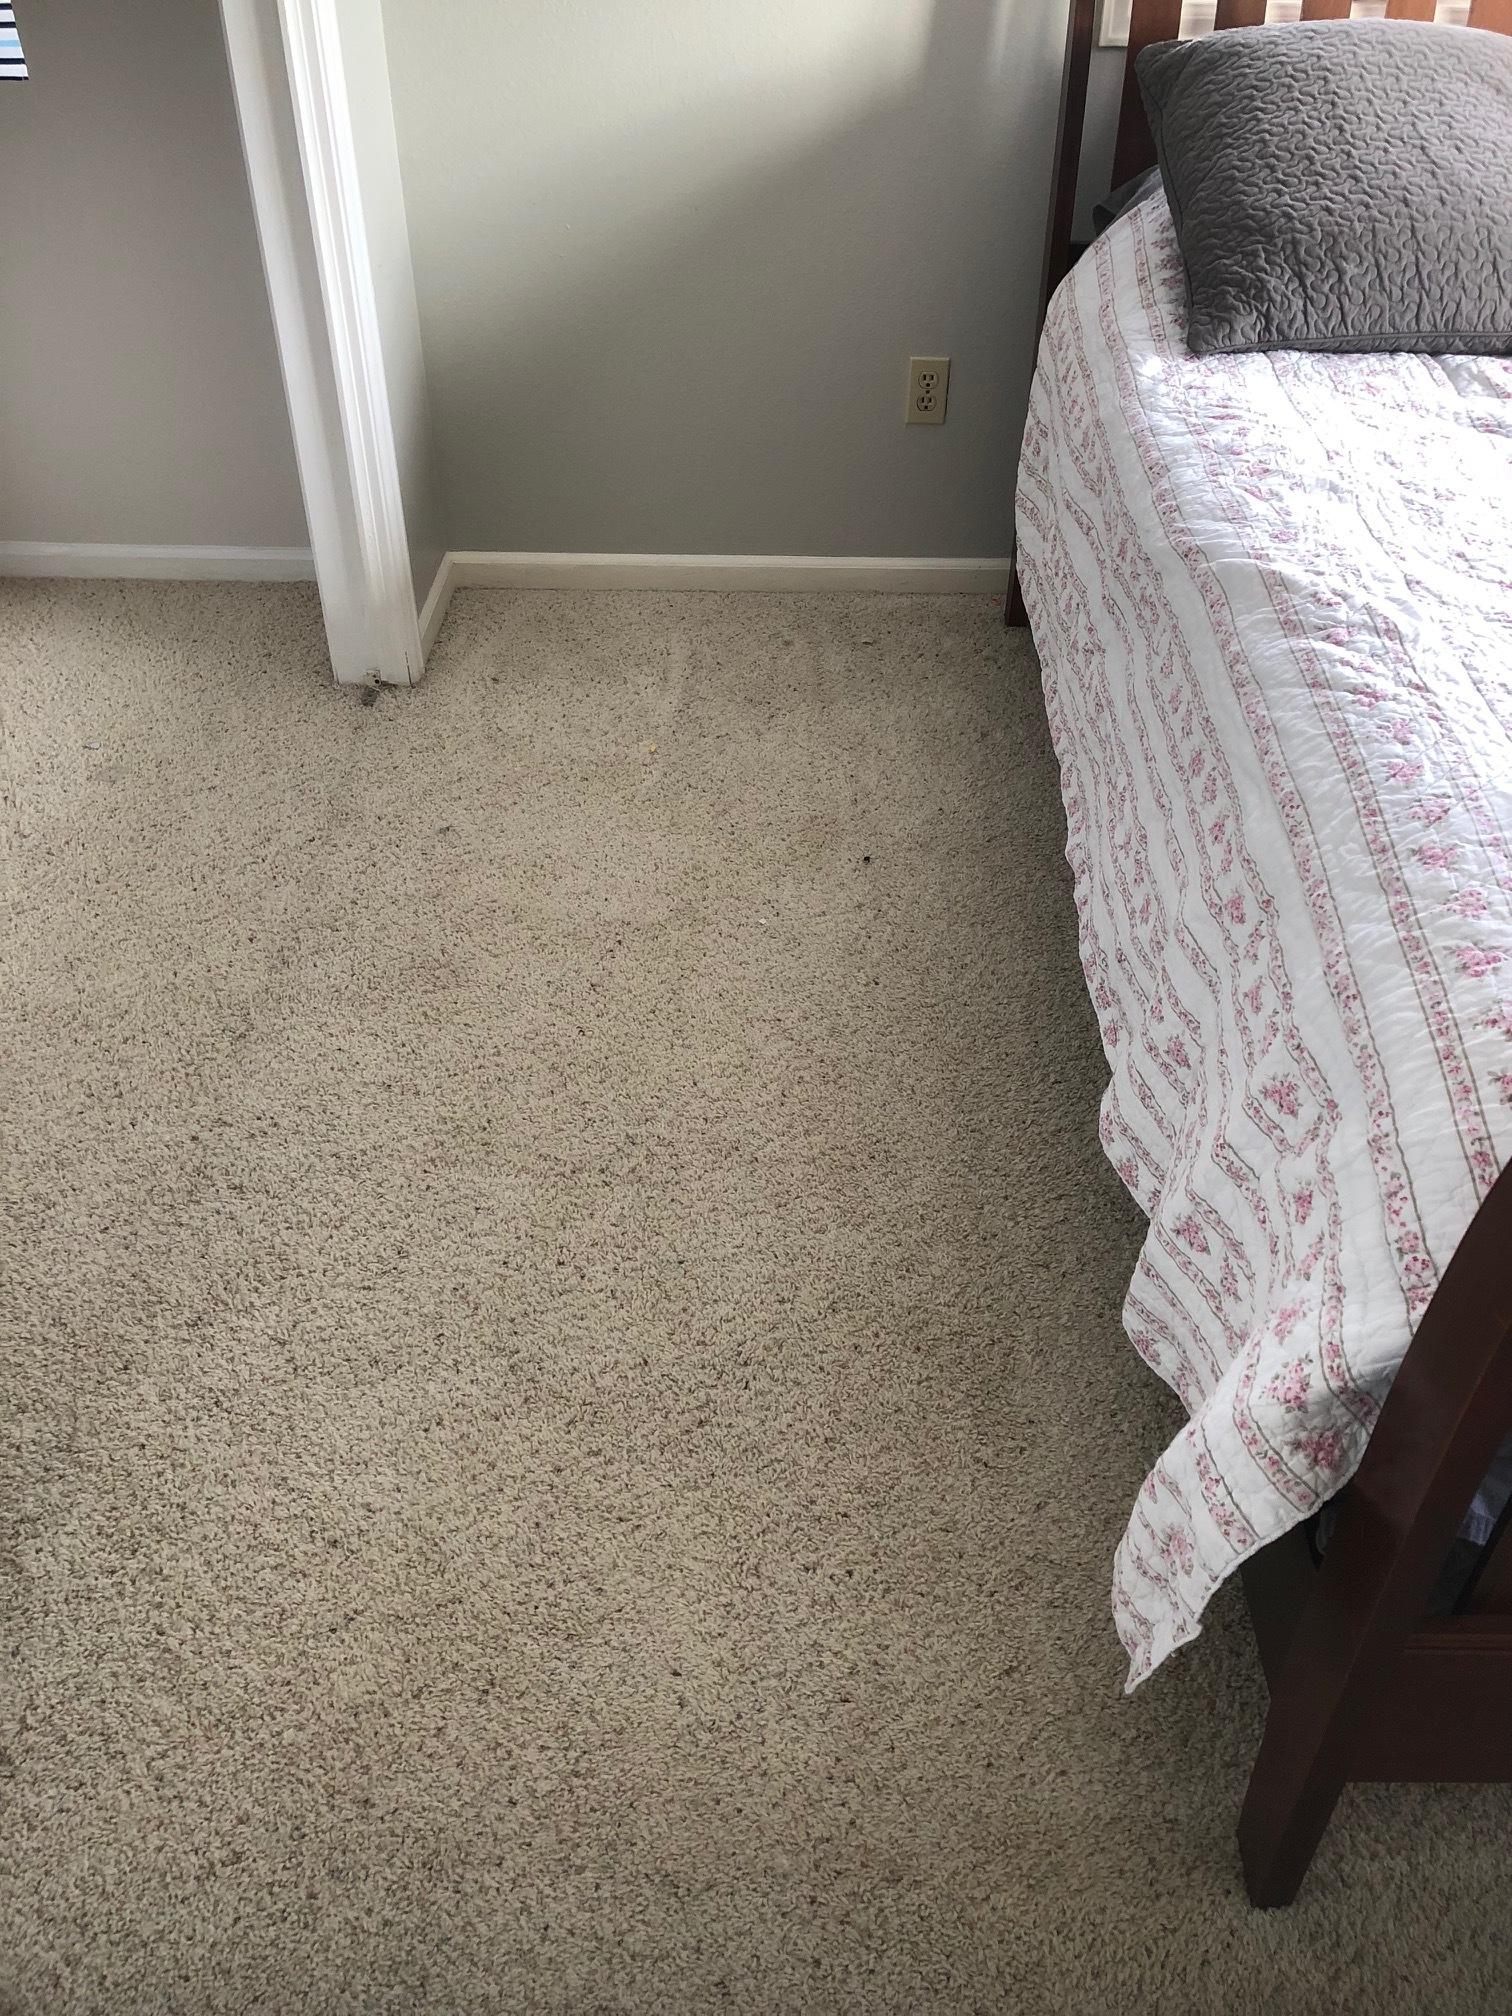 Old stinky carpet